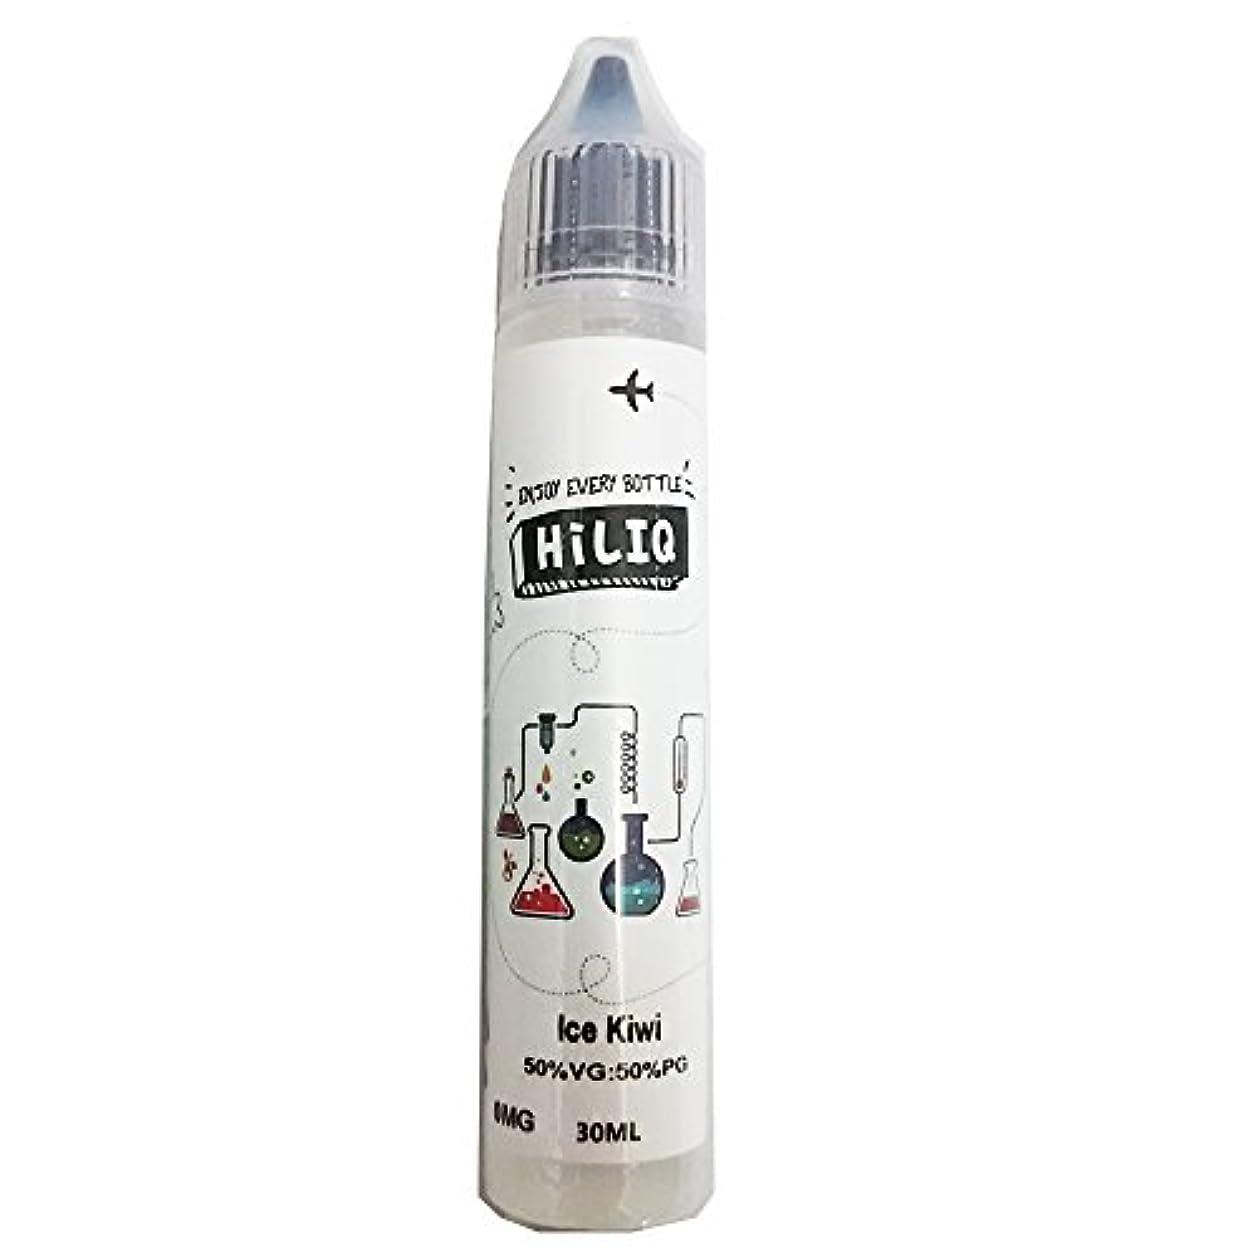 伝える多くの危険がある状況注ぎます電子タバコ リキッド HiLIQ(ハイリク) 30ml アイスキウイ Ice Kiwi